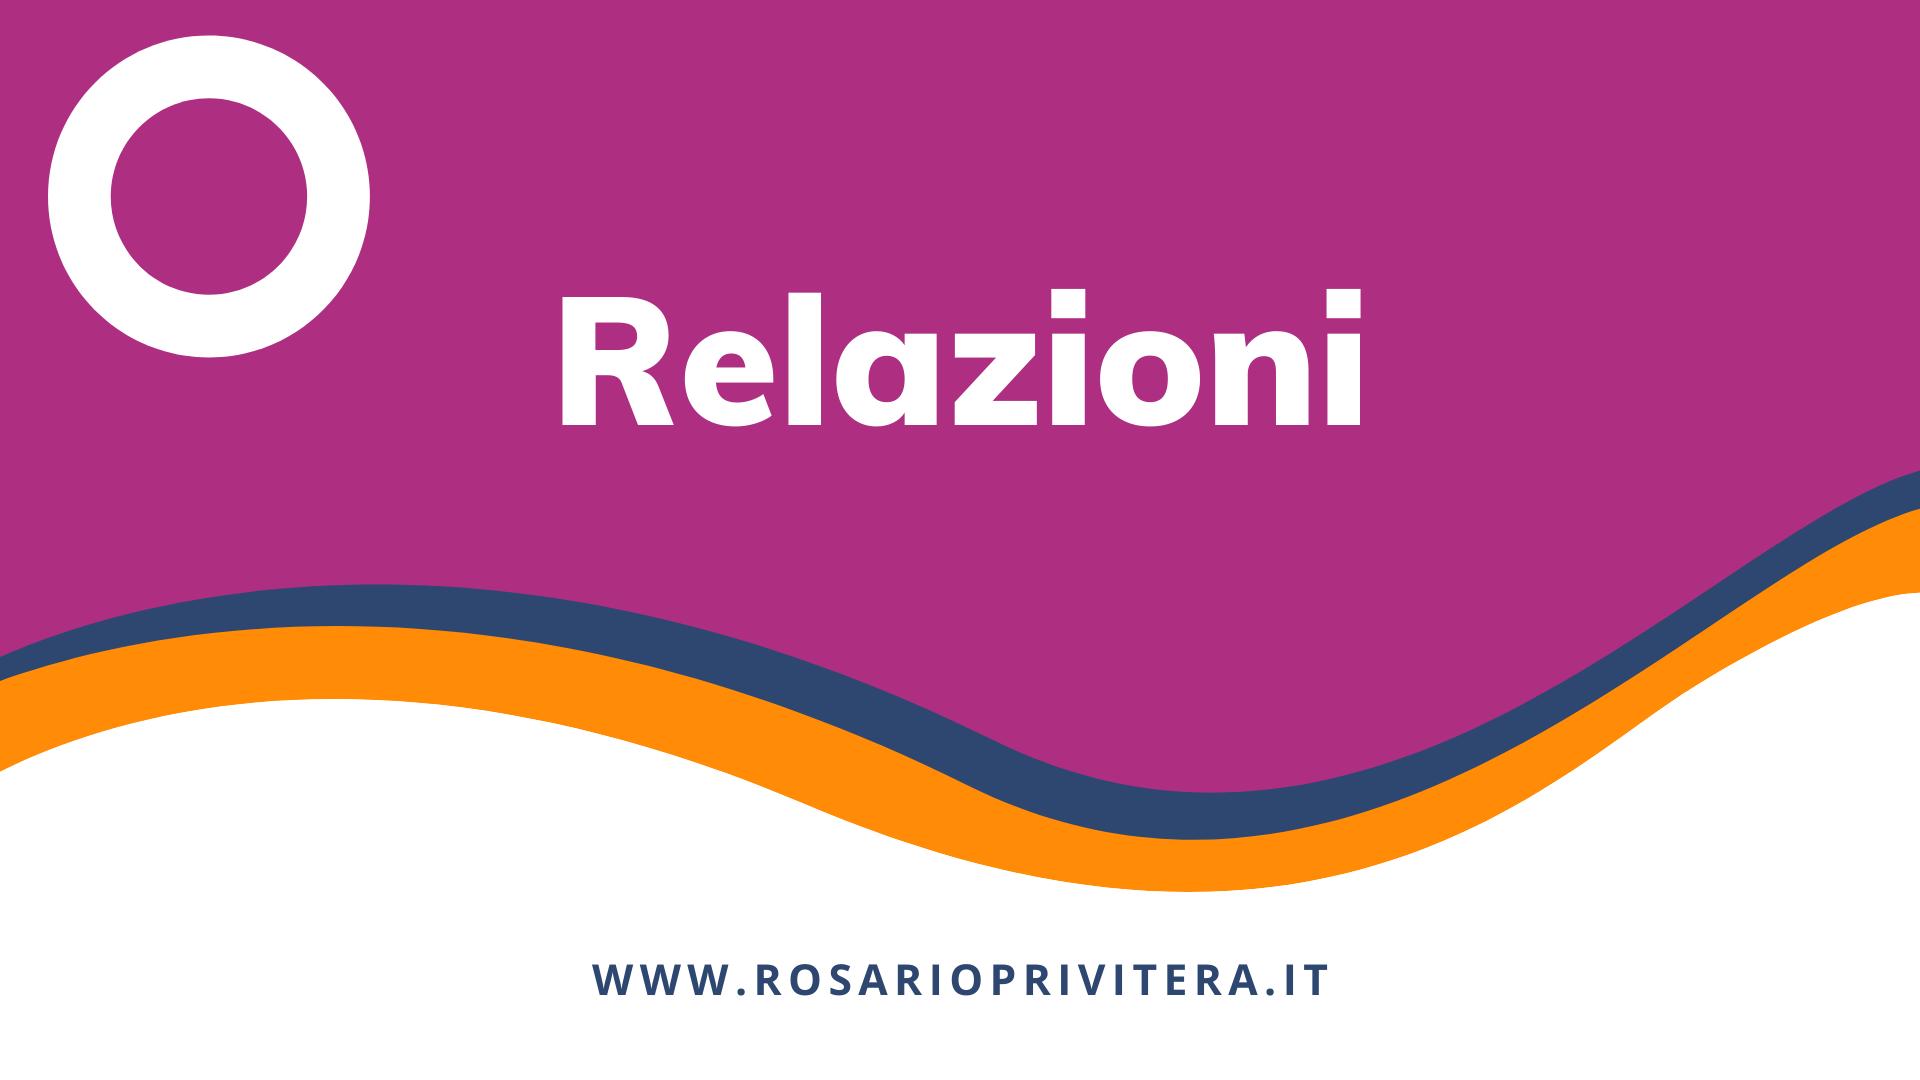 Relazioni_Rosario Privitera, psicologo LGBT a Milano e online